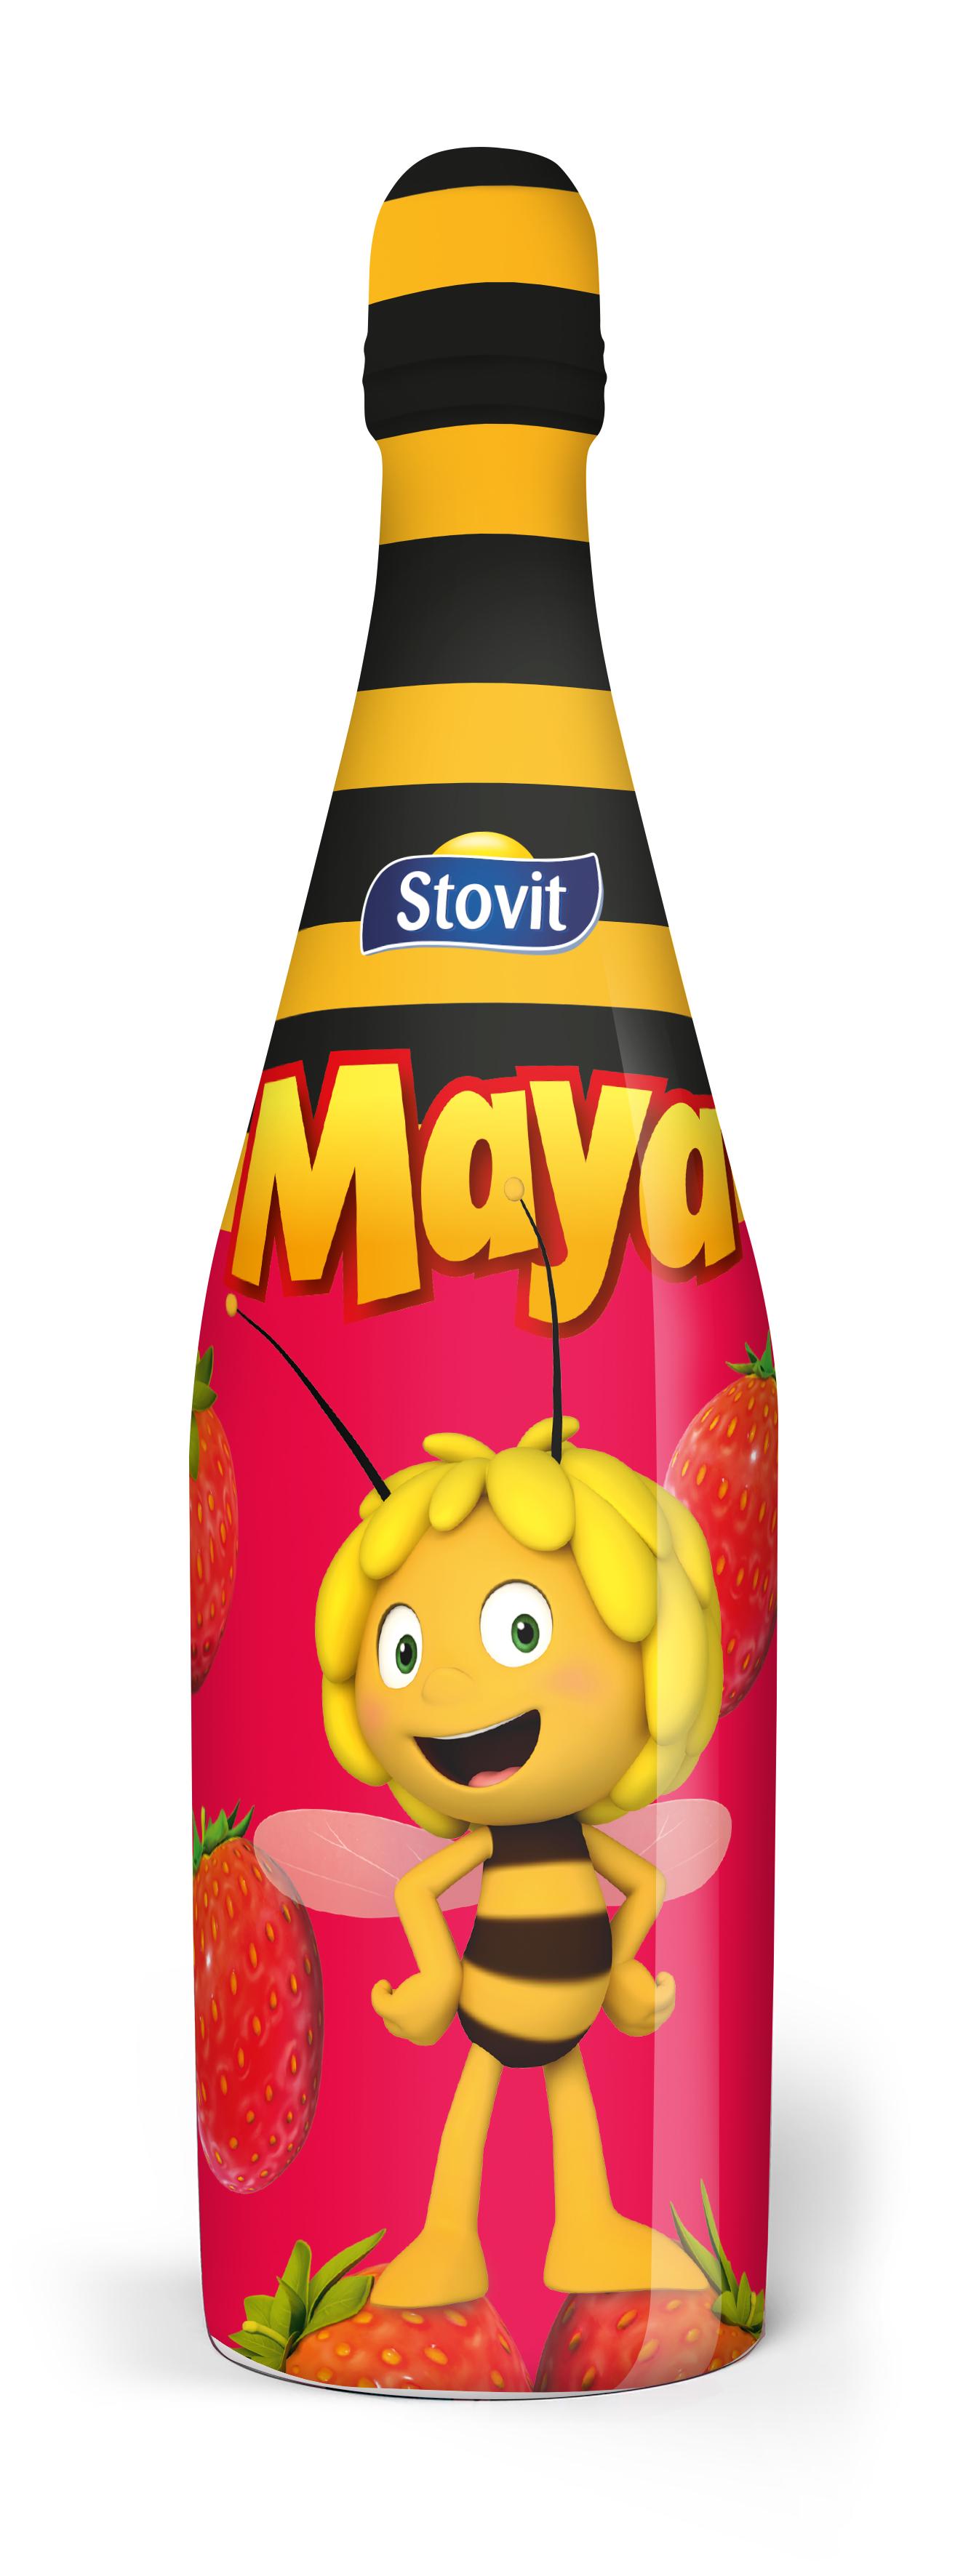 Stovit Maya napój jabłkowo - truskawkowy, gazowany, bezalkoholowy